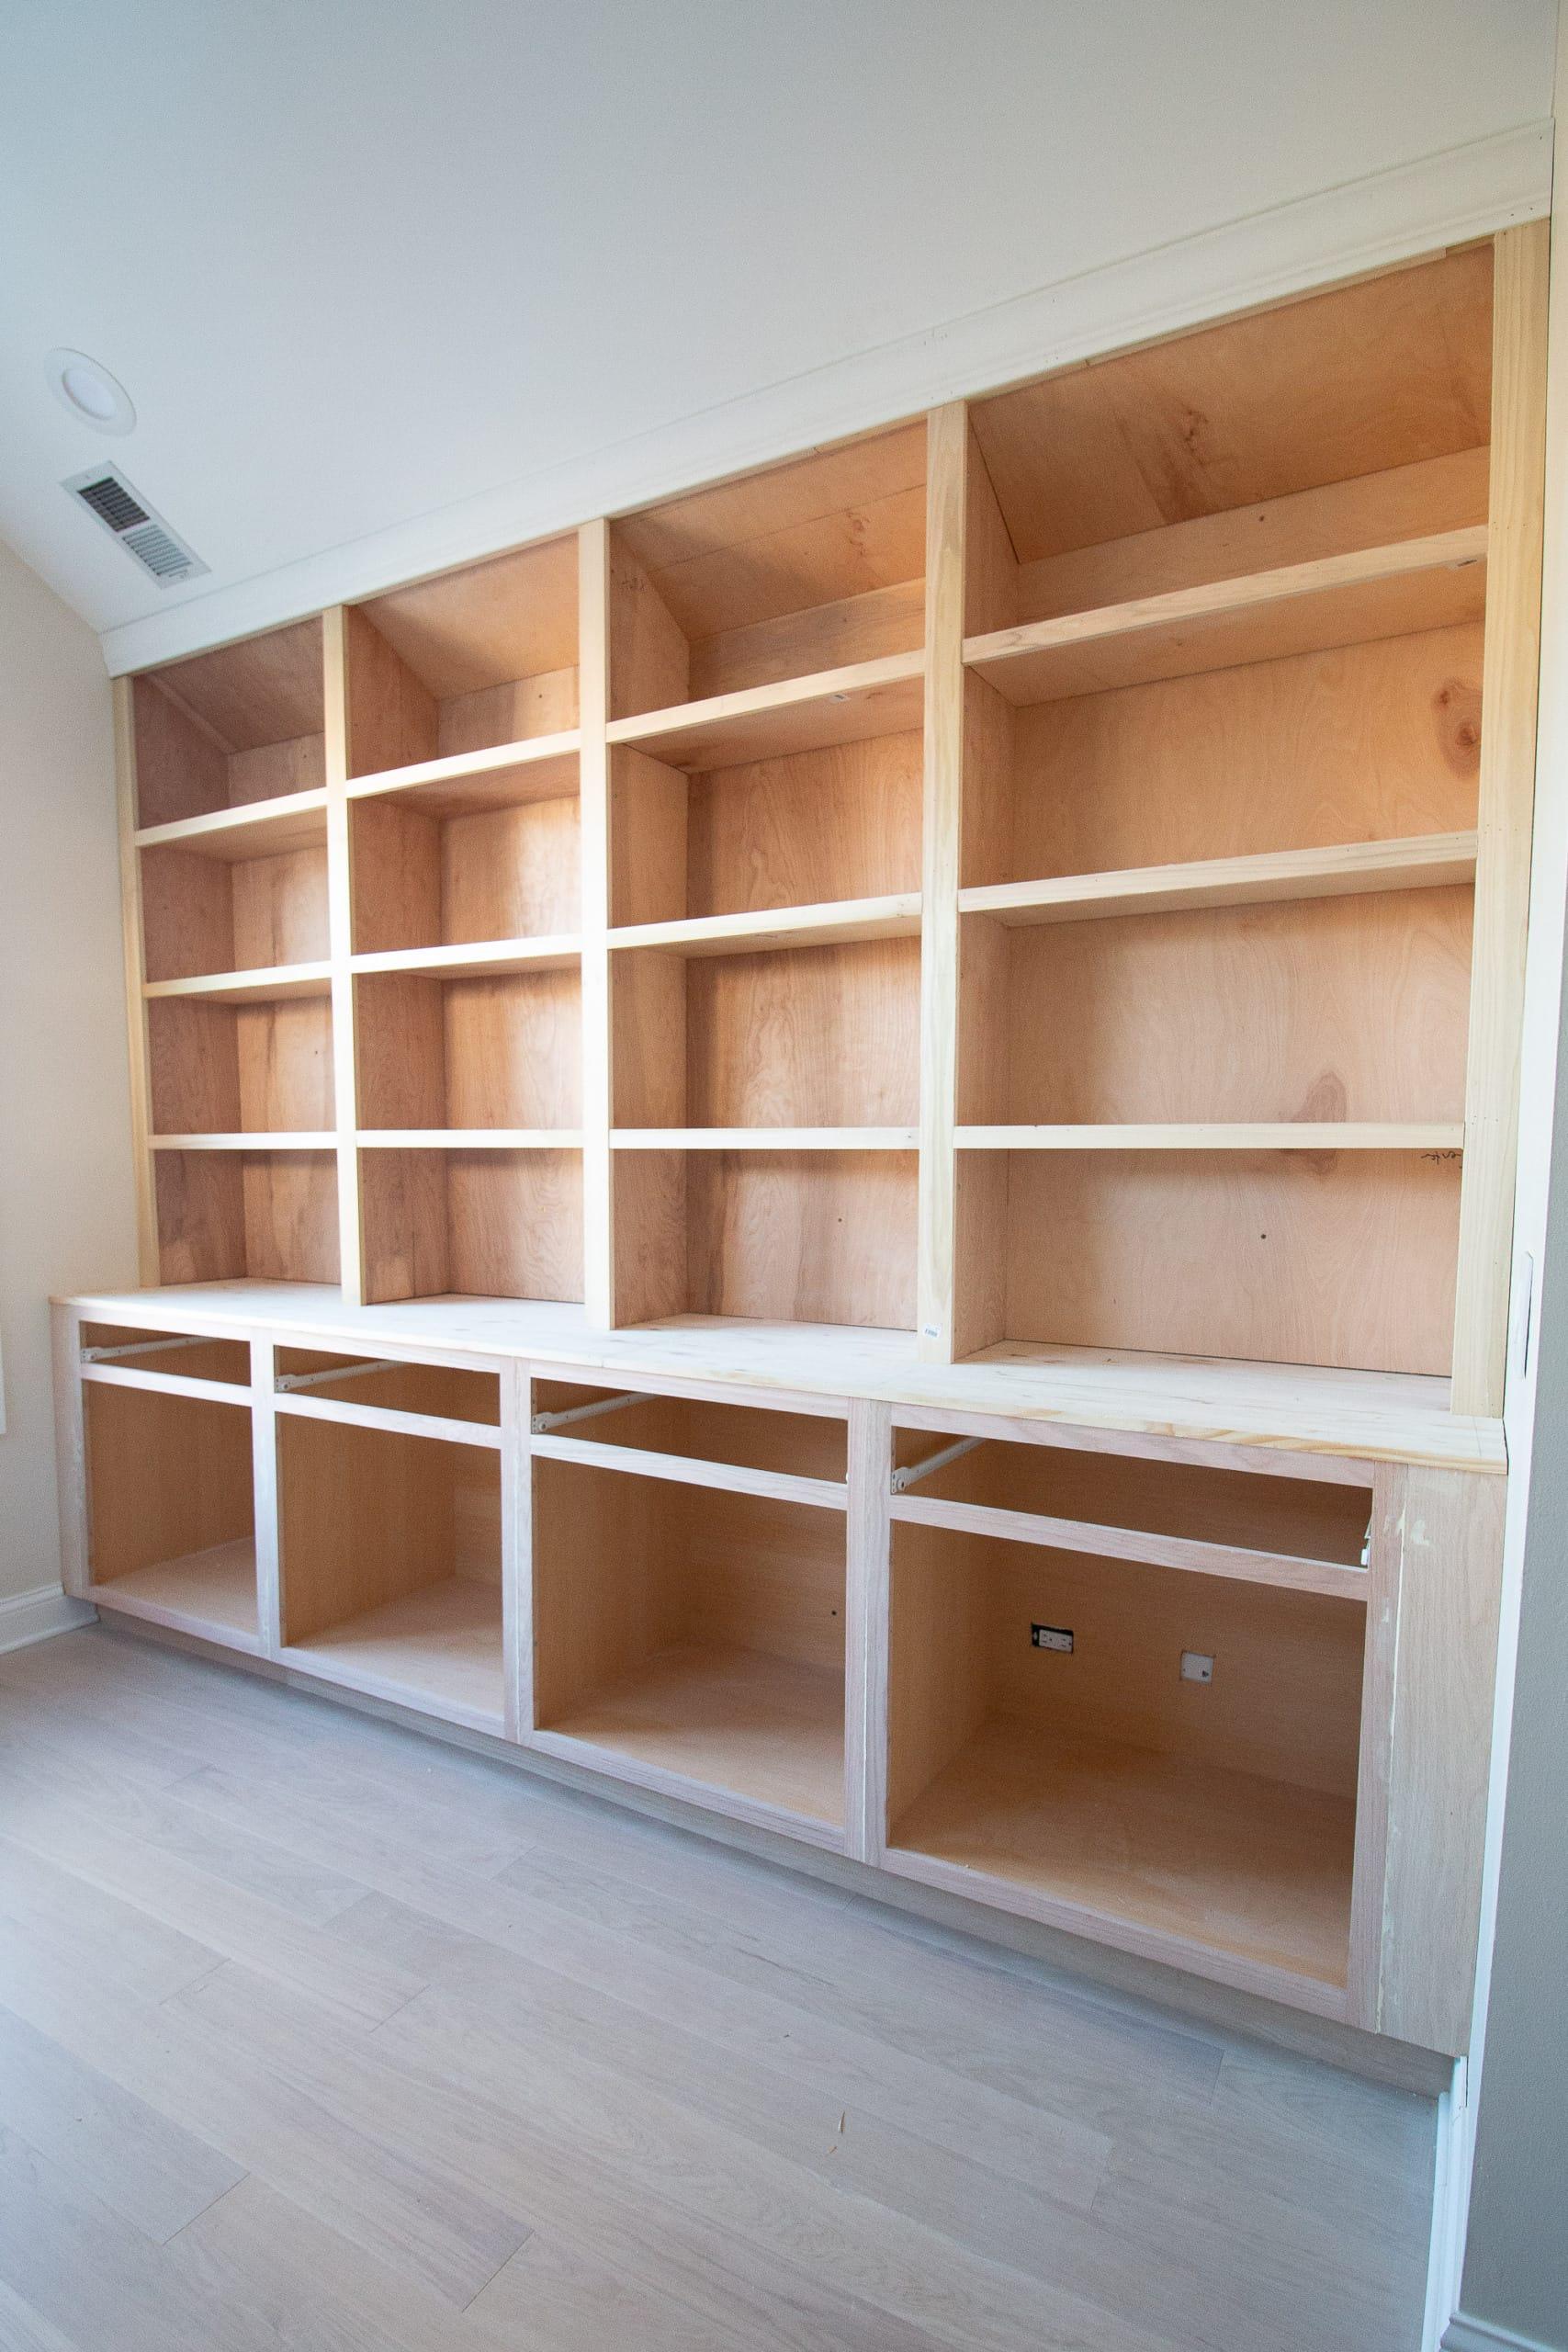 Wood built-ins